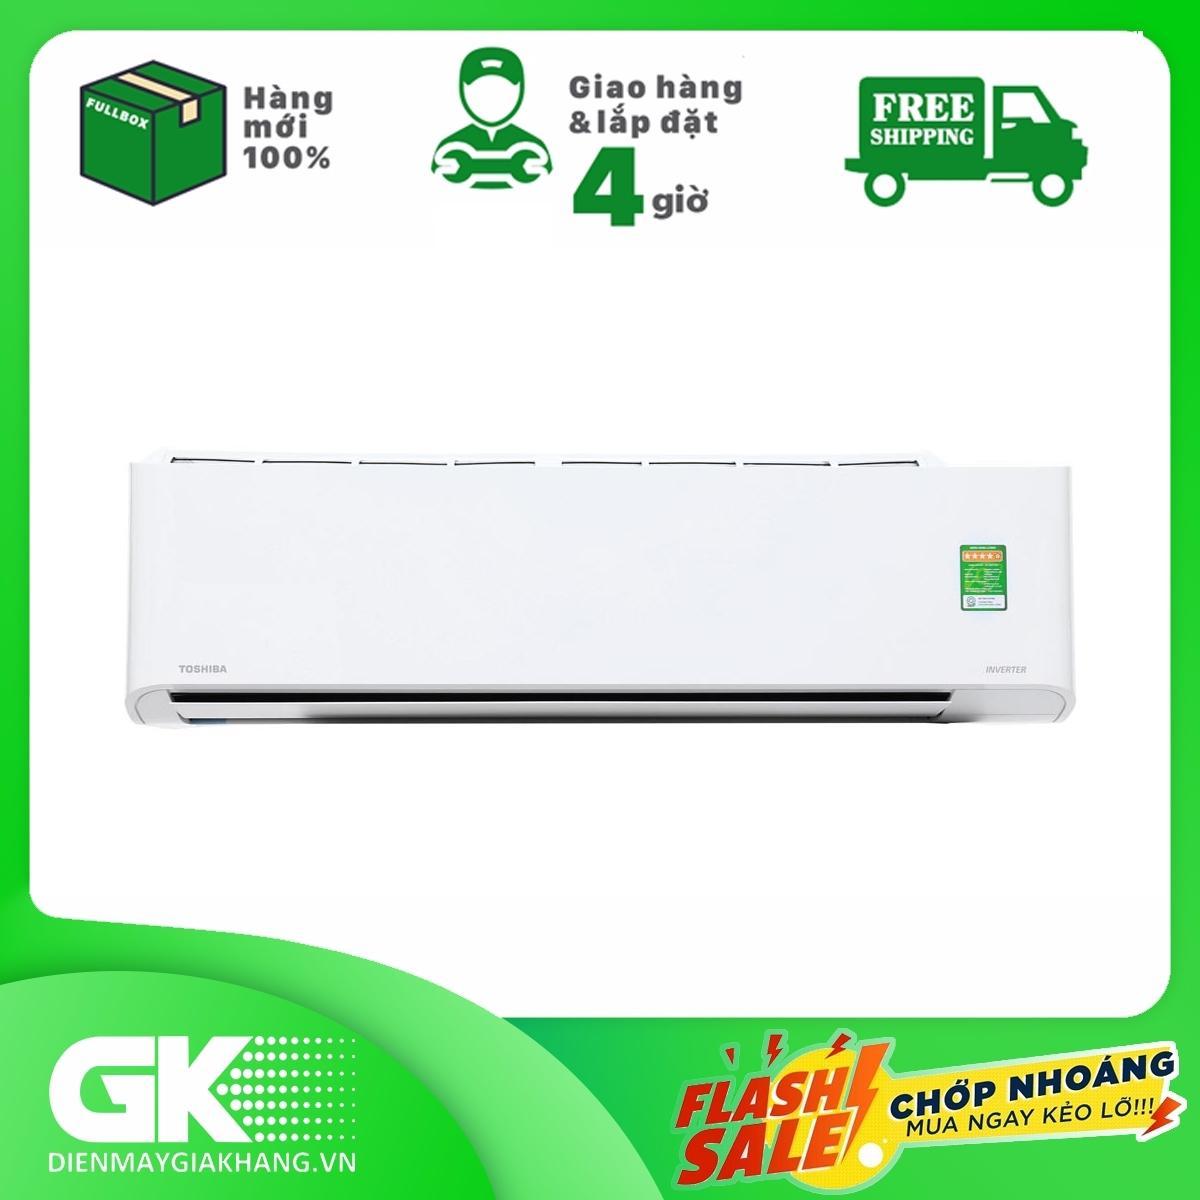 Bảng giá Máy lạnh Toshiba Inverter 2 HP RAS-H18PKCVG-V, nhãn năng lượng tiết kiệm điện 5 sao, tiết kiệm điện, lọc bụi, kháng khuẩn, khử mùi - Bảo hành 24 tháng: